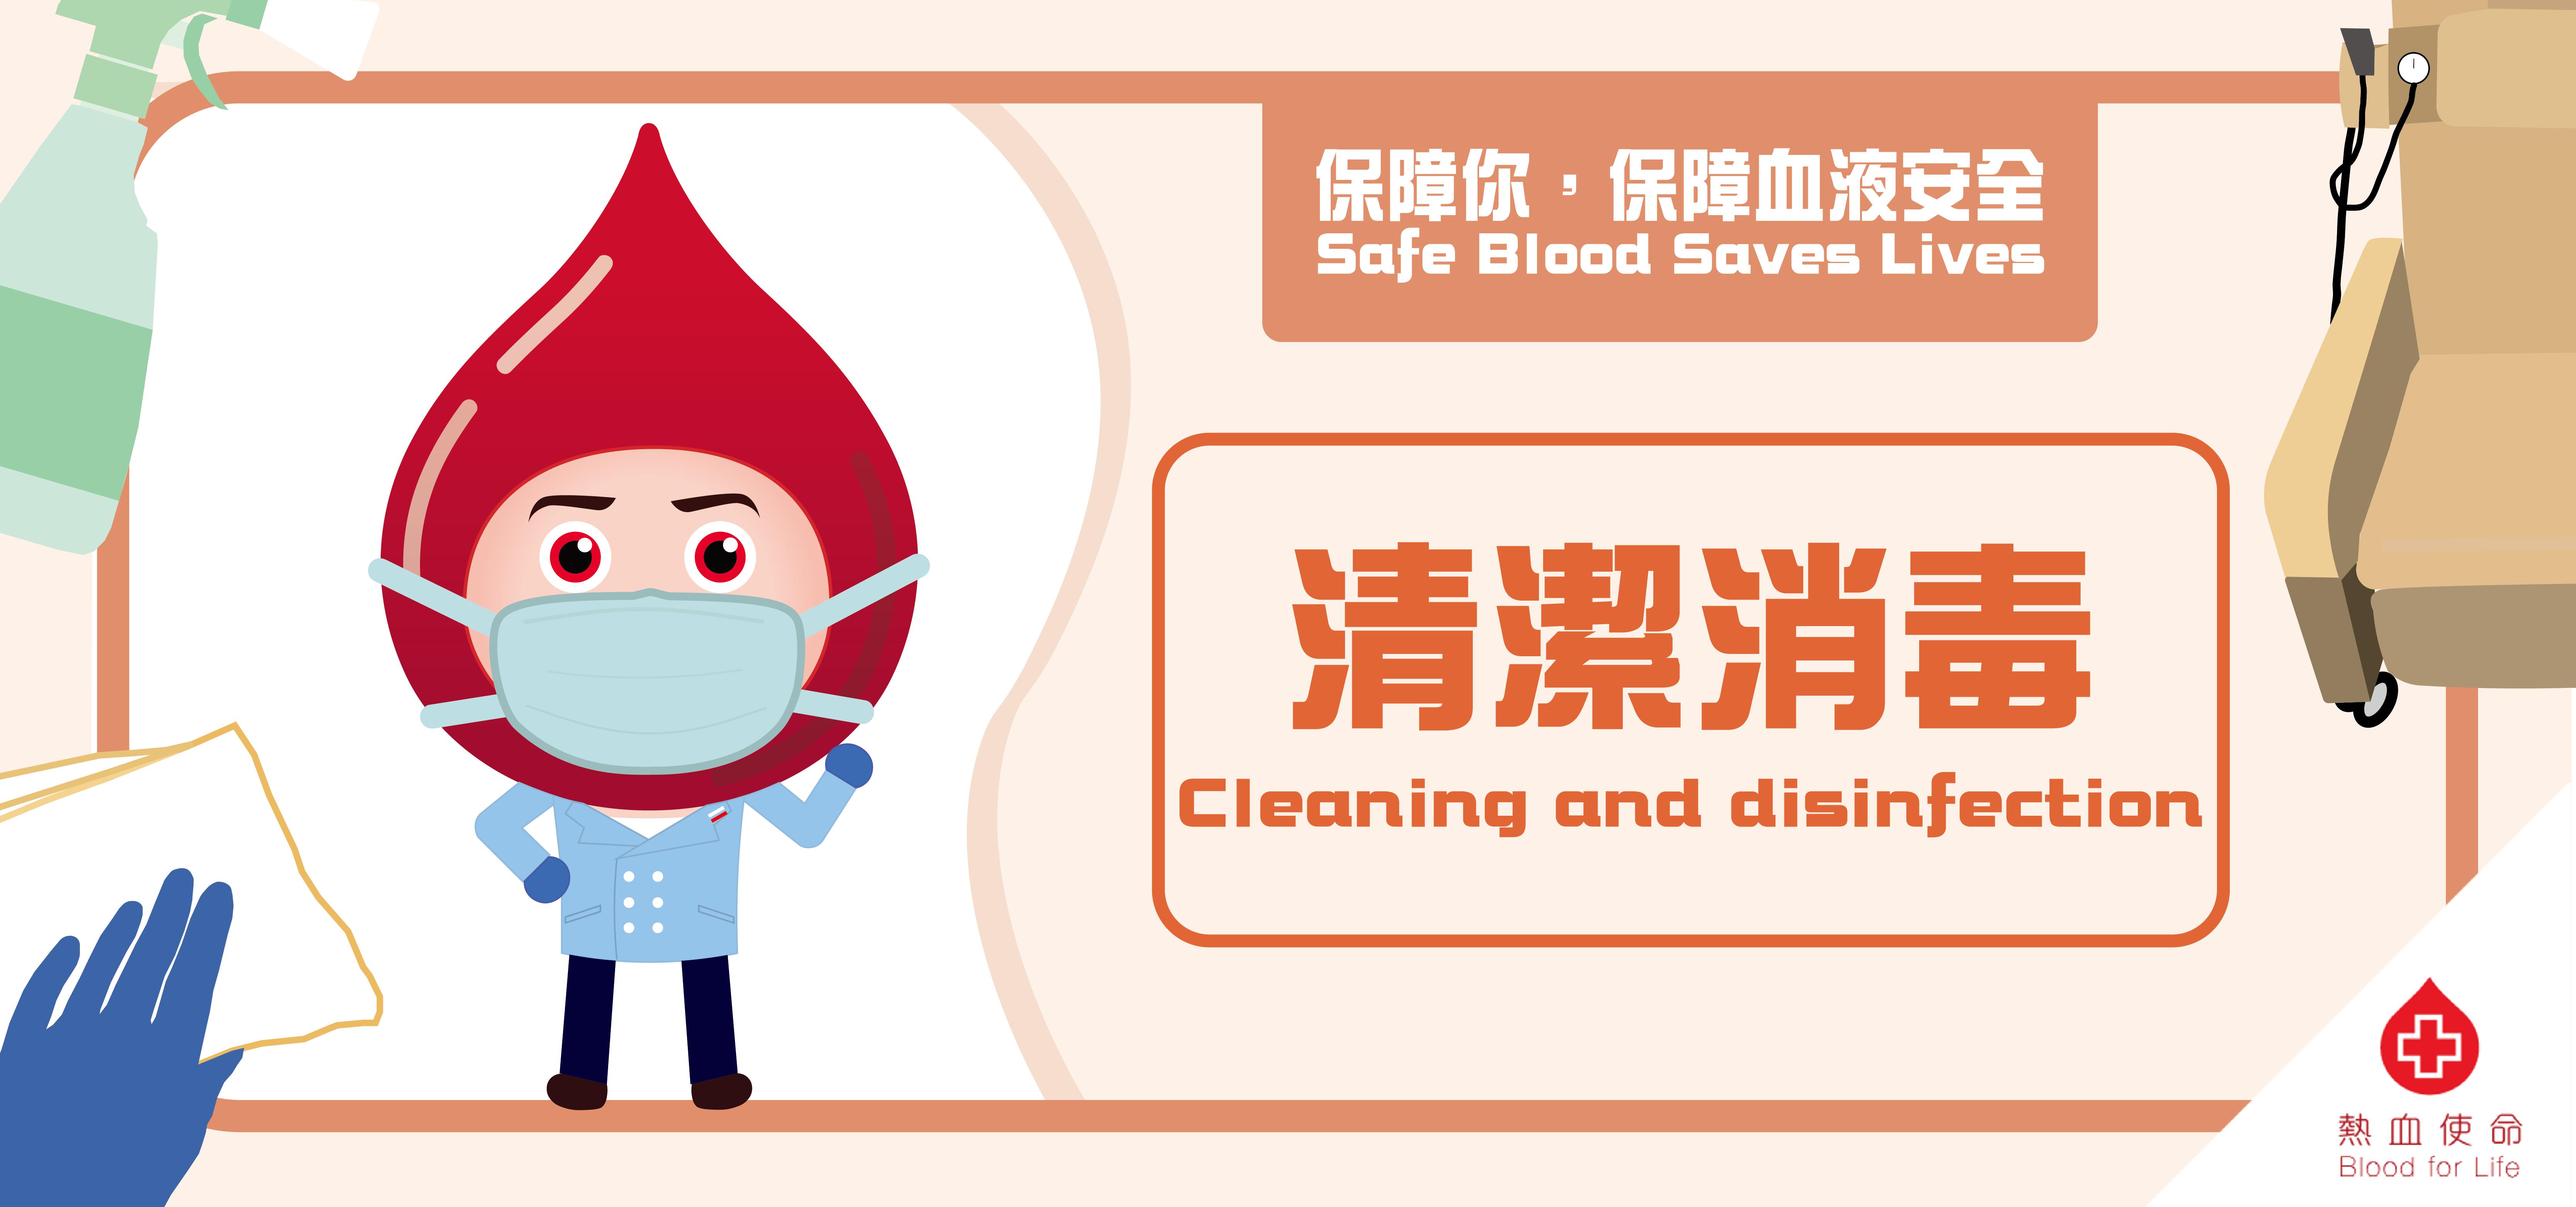 圖片: 防疫措施:清洁消毒